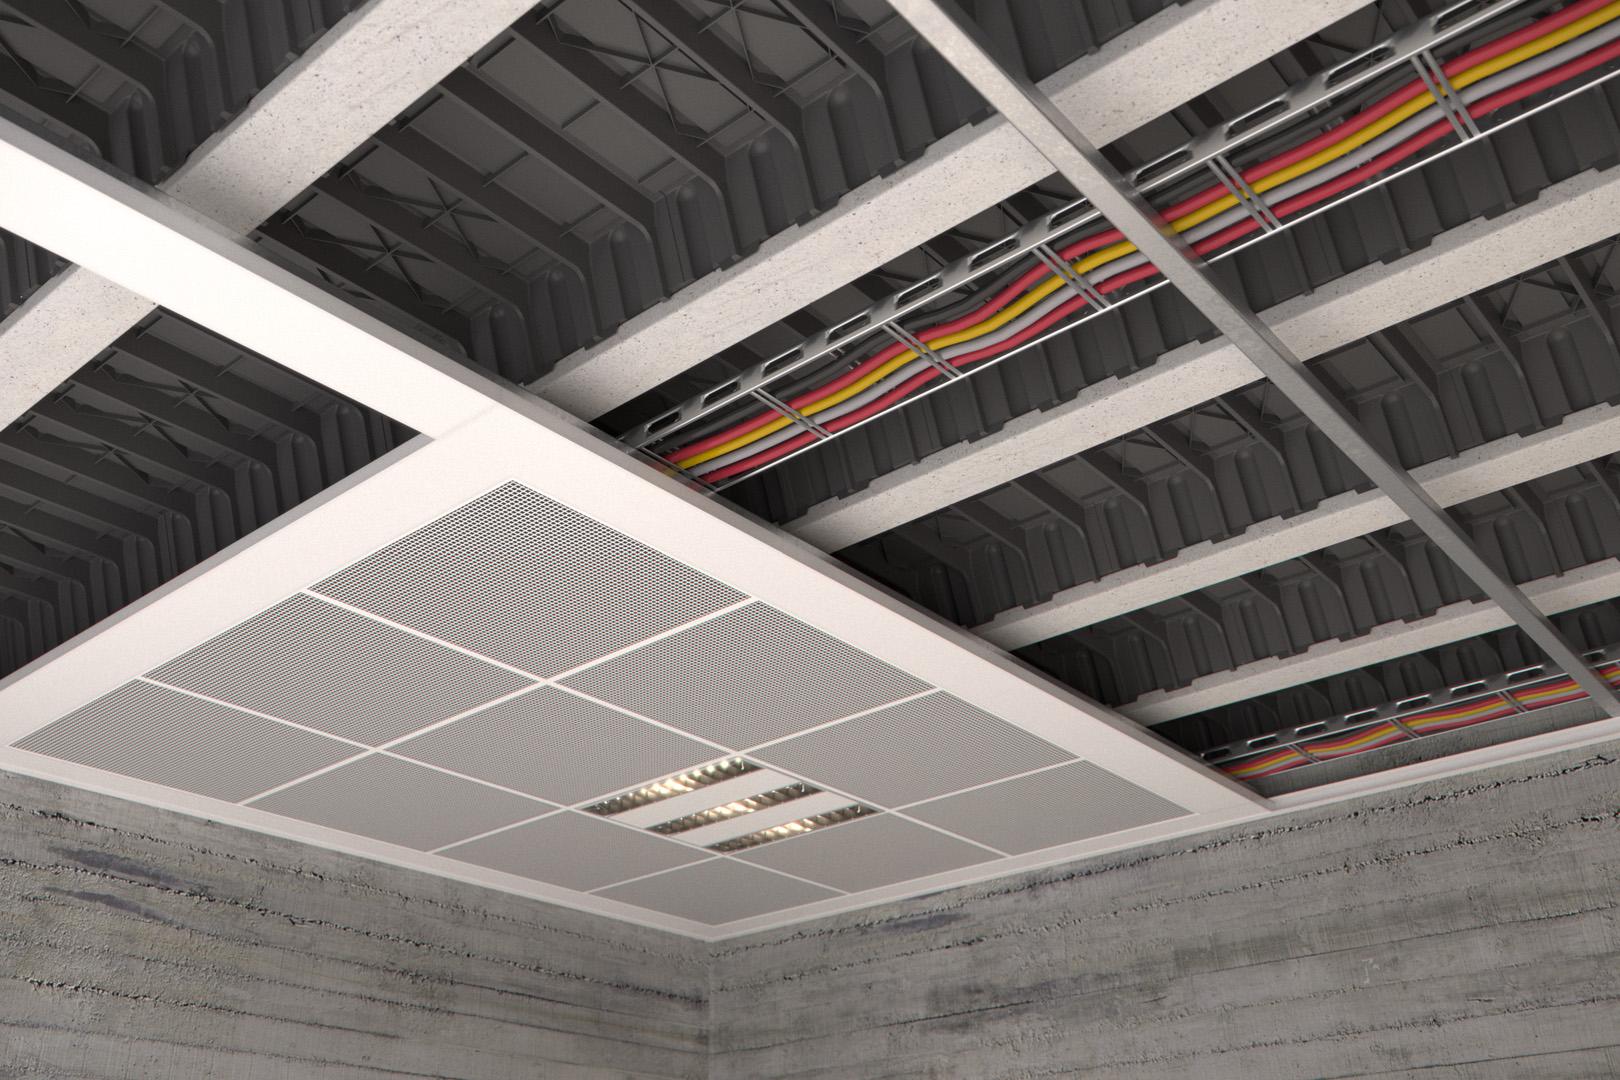 render-3d-rendering-architettonico-edilizia-arredo-urbano-giardino-architettura-fotografico-realistico-01